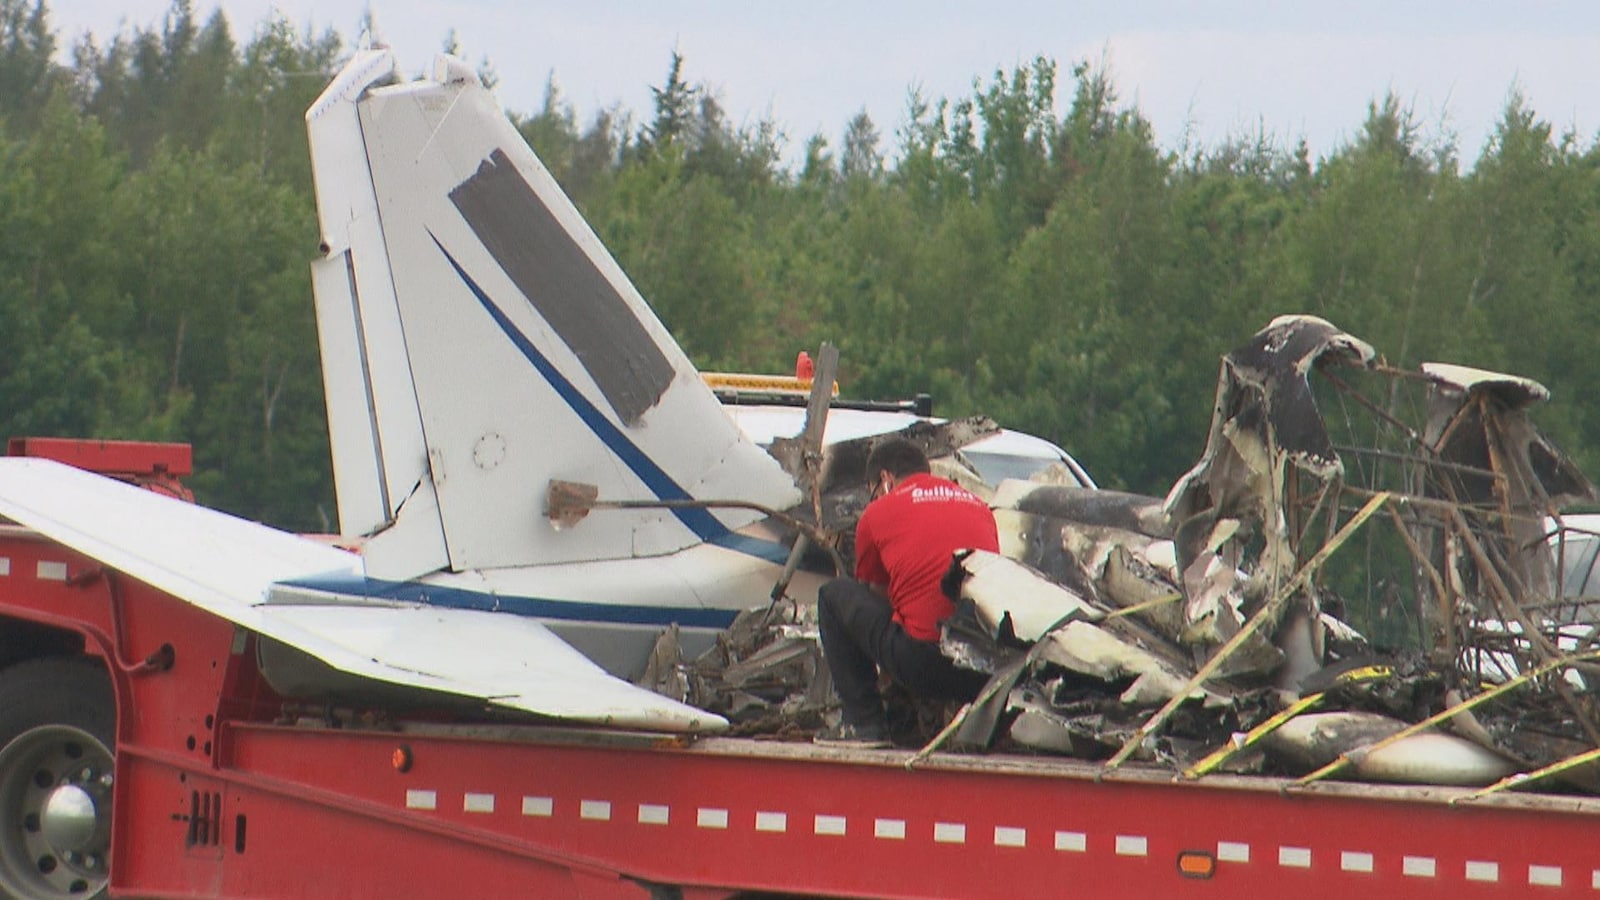 Un avion de type Piper s'est écrasé à l'aéroport de Trois-Rivières. Le pilote et son passager ont été légèrement blessés.